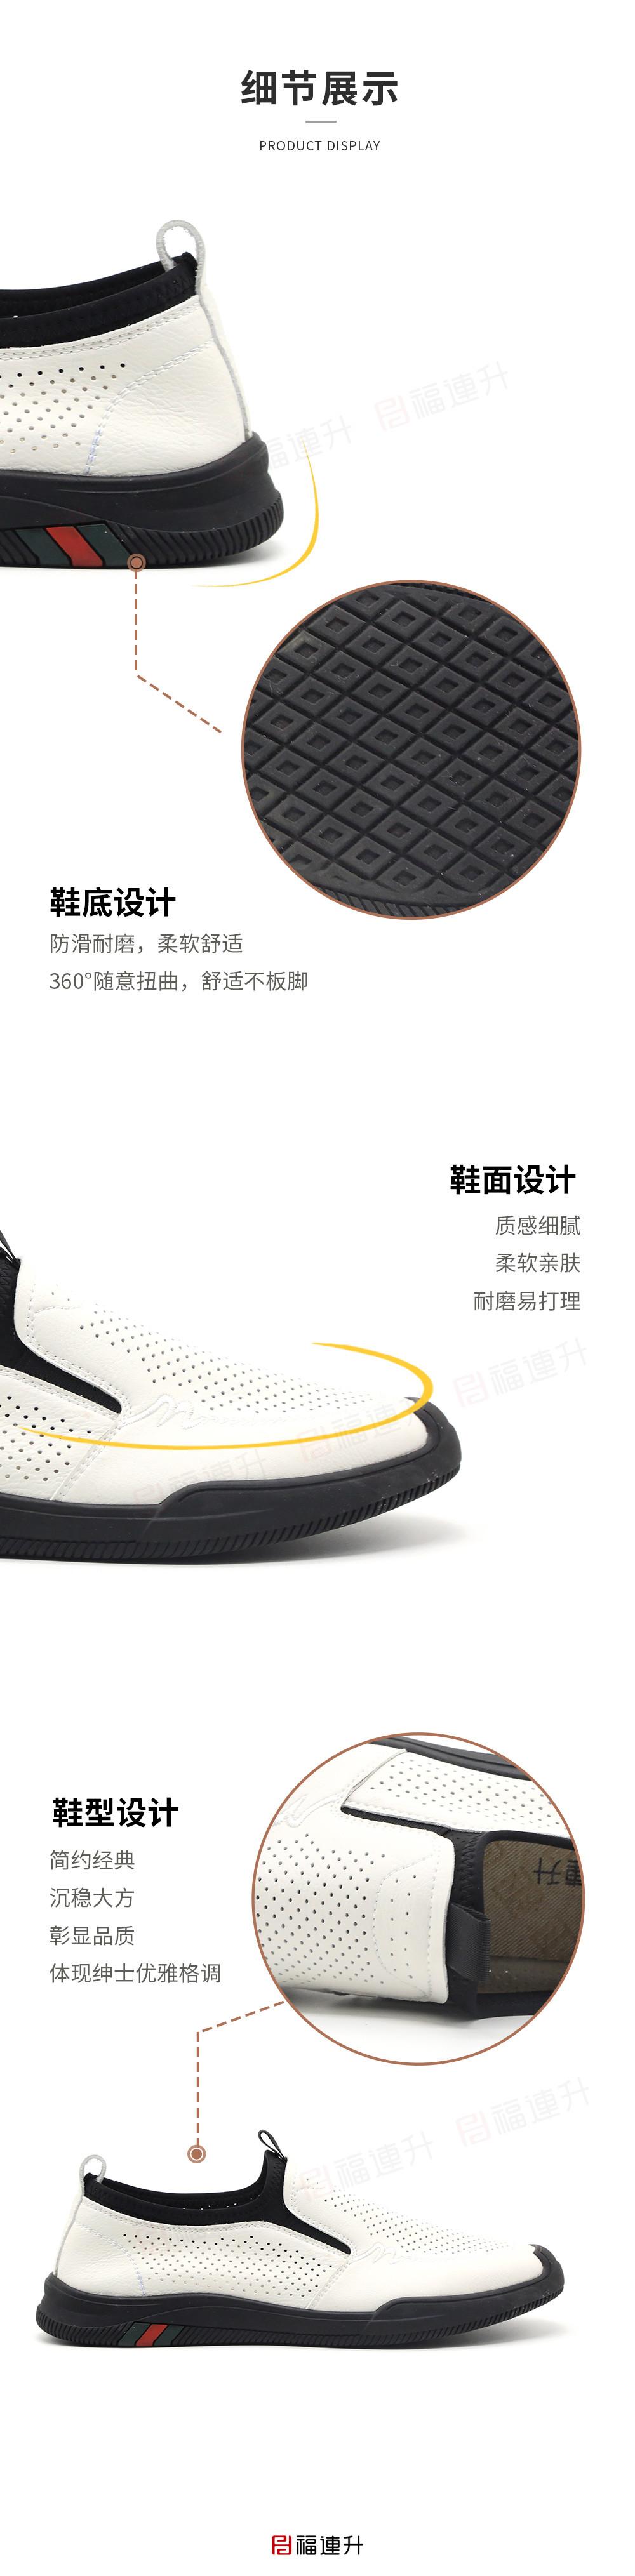 福连升夏季商务休闲男鞋轻便镂空透气舒适平底男鞋图片